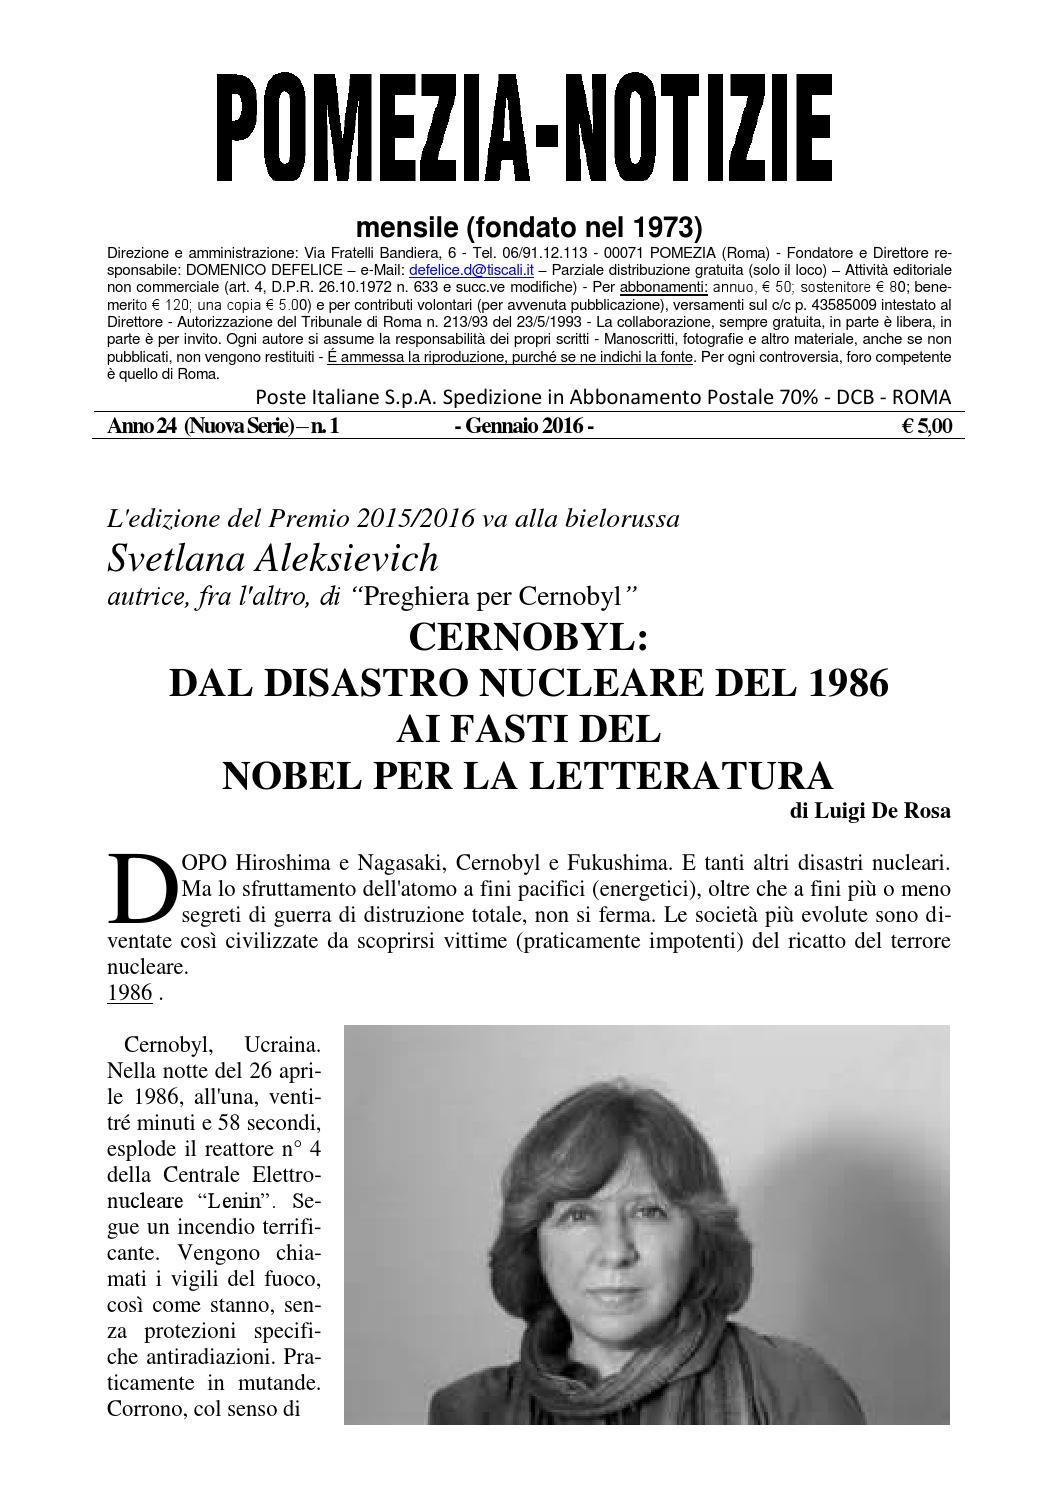 Pomezia Notizie 2016 1 by Domenico - issuu c15e82cc4b4d